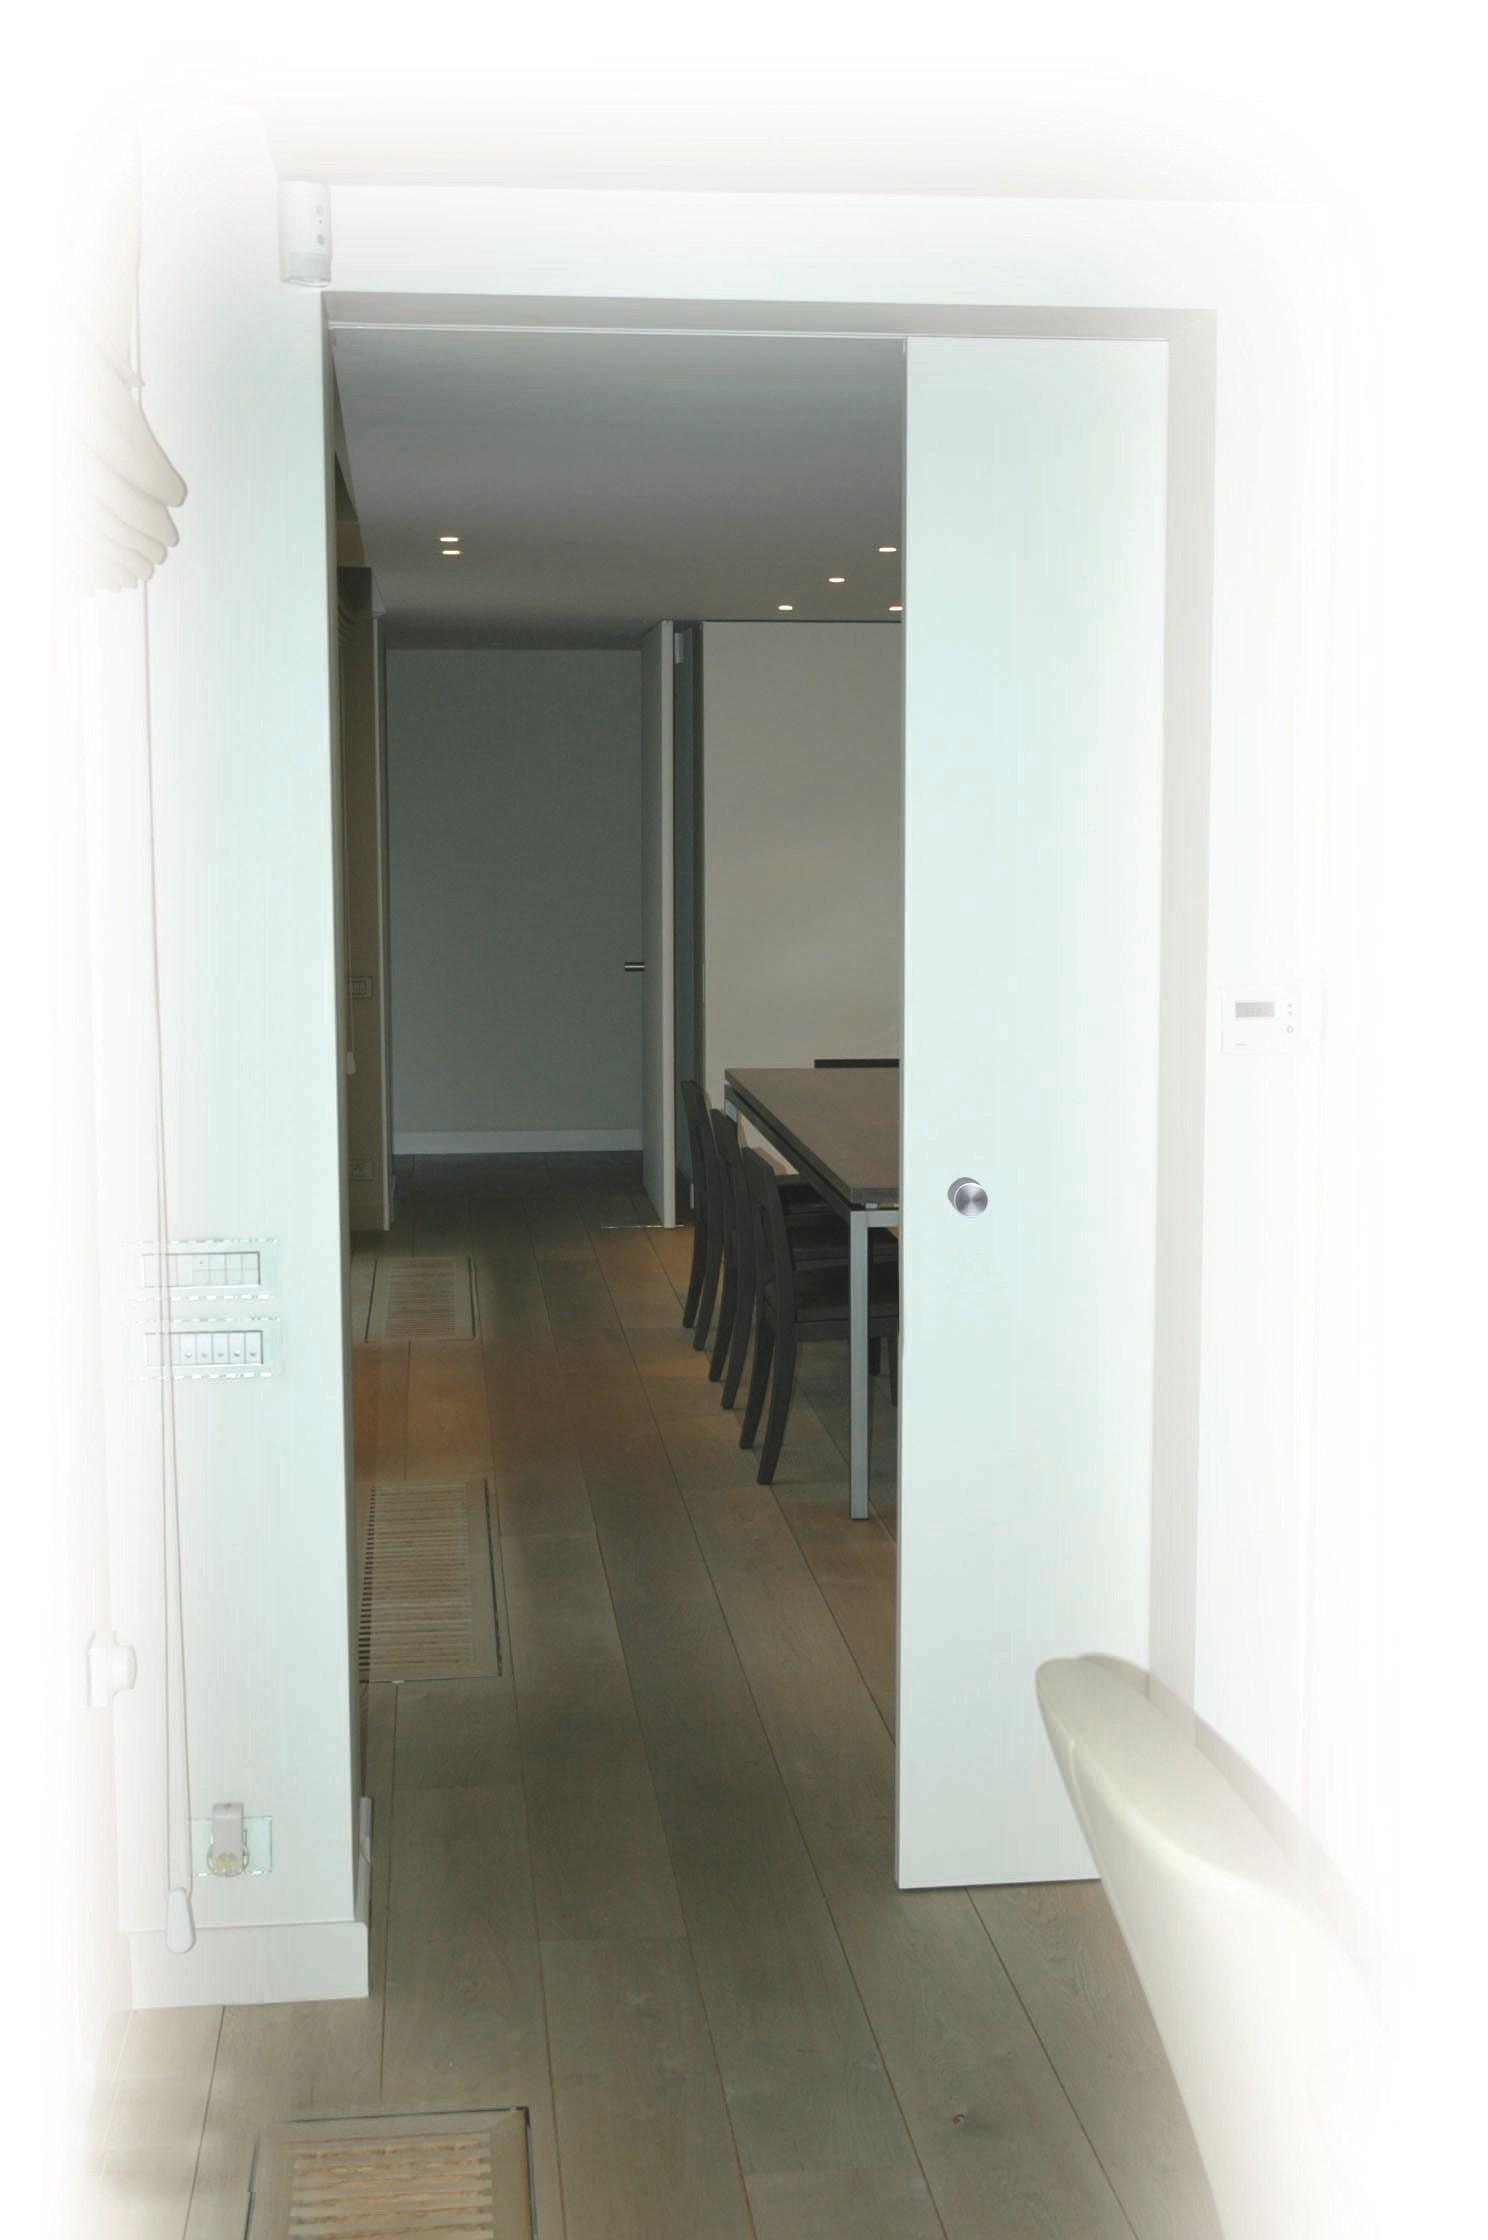 Ideal modele de porte coulissante de salon files - Modele de porte coulissante de salon ...